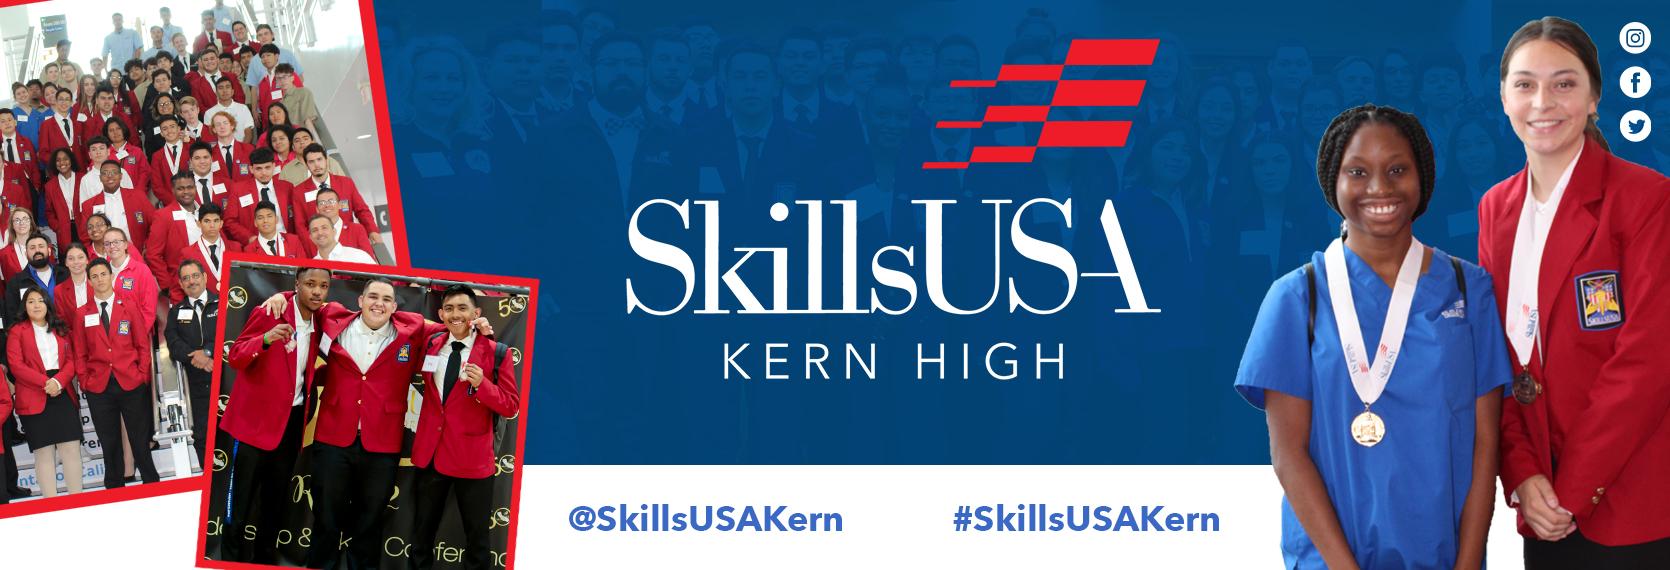 skillsusa header